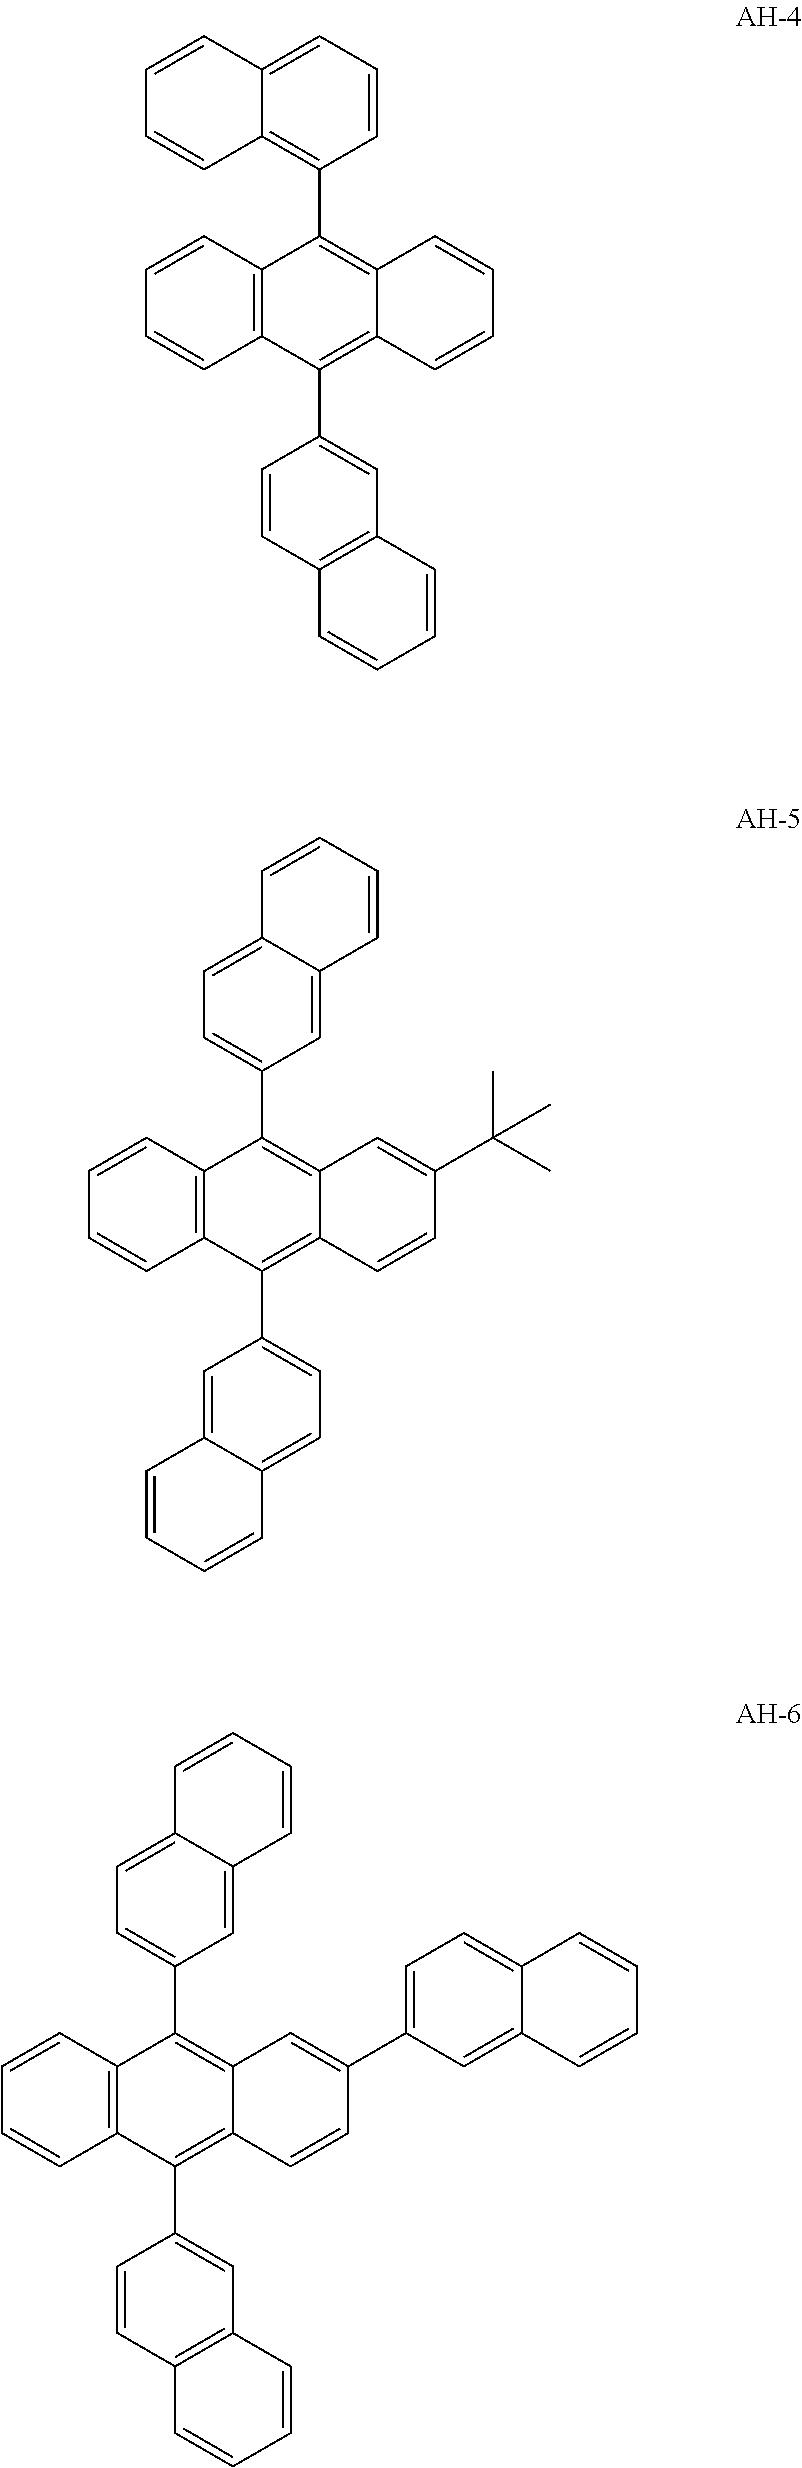 Figure US20110018429A1-20110127-C00005